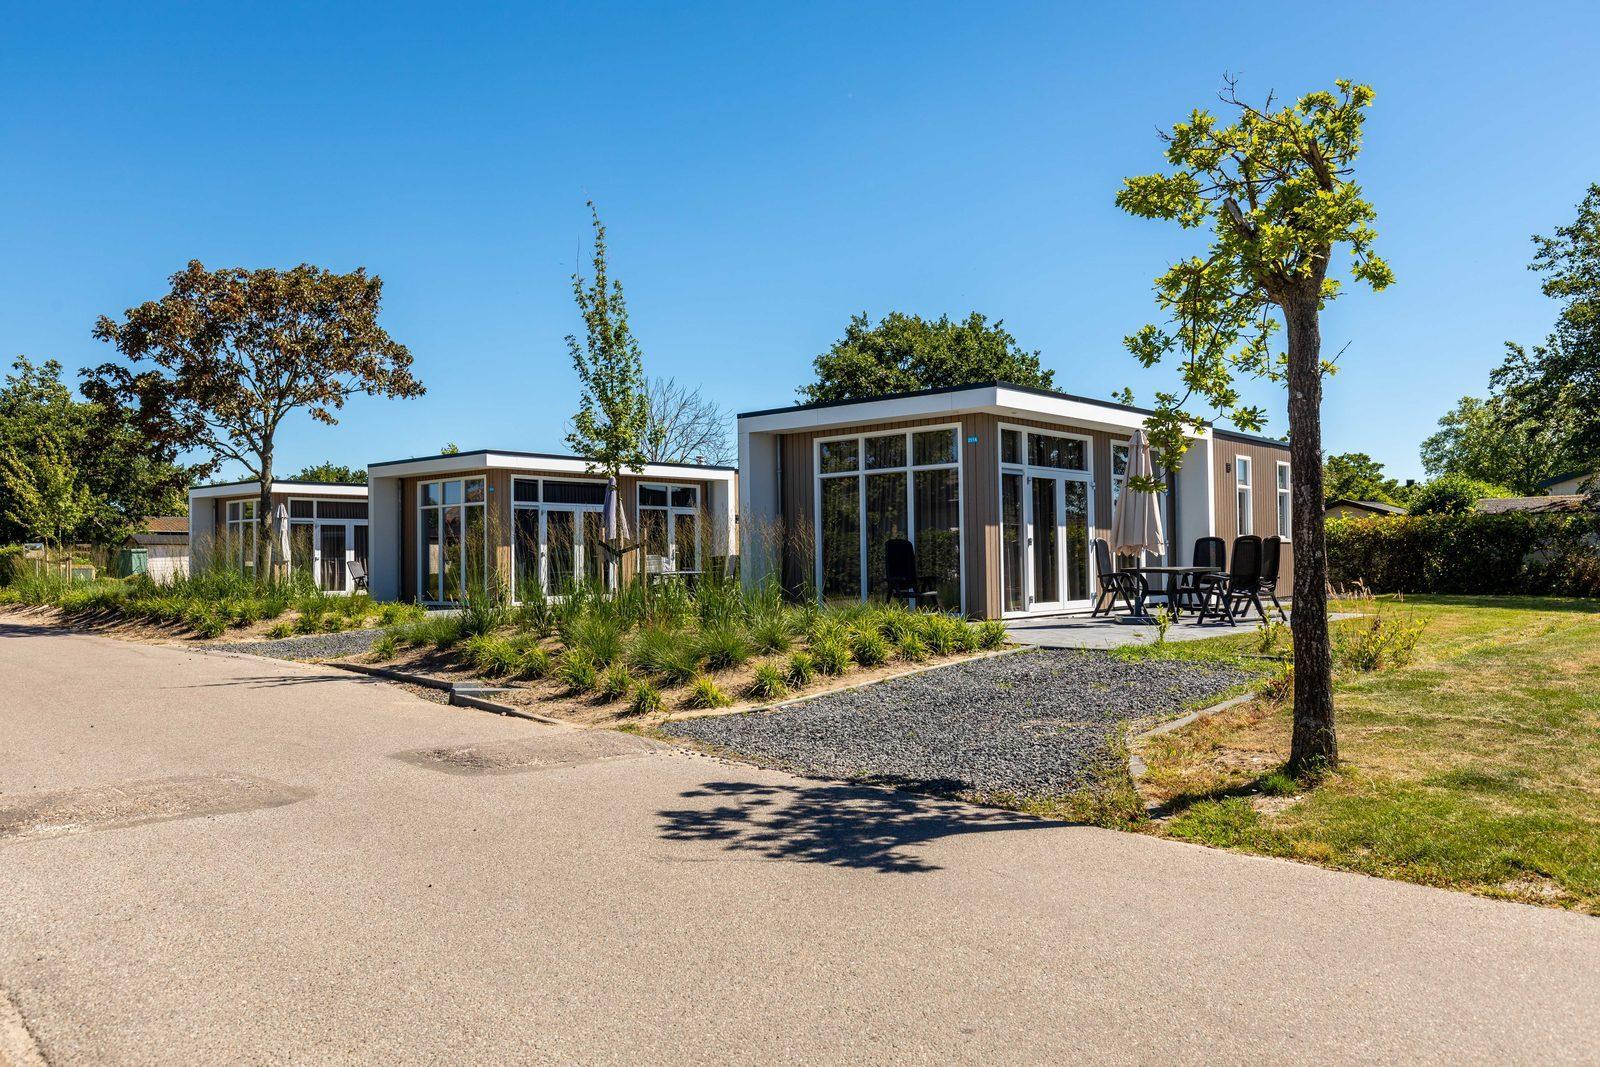 Maison de vacances Parc de vacances De Woudhoeve